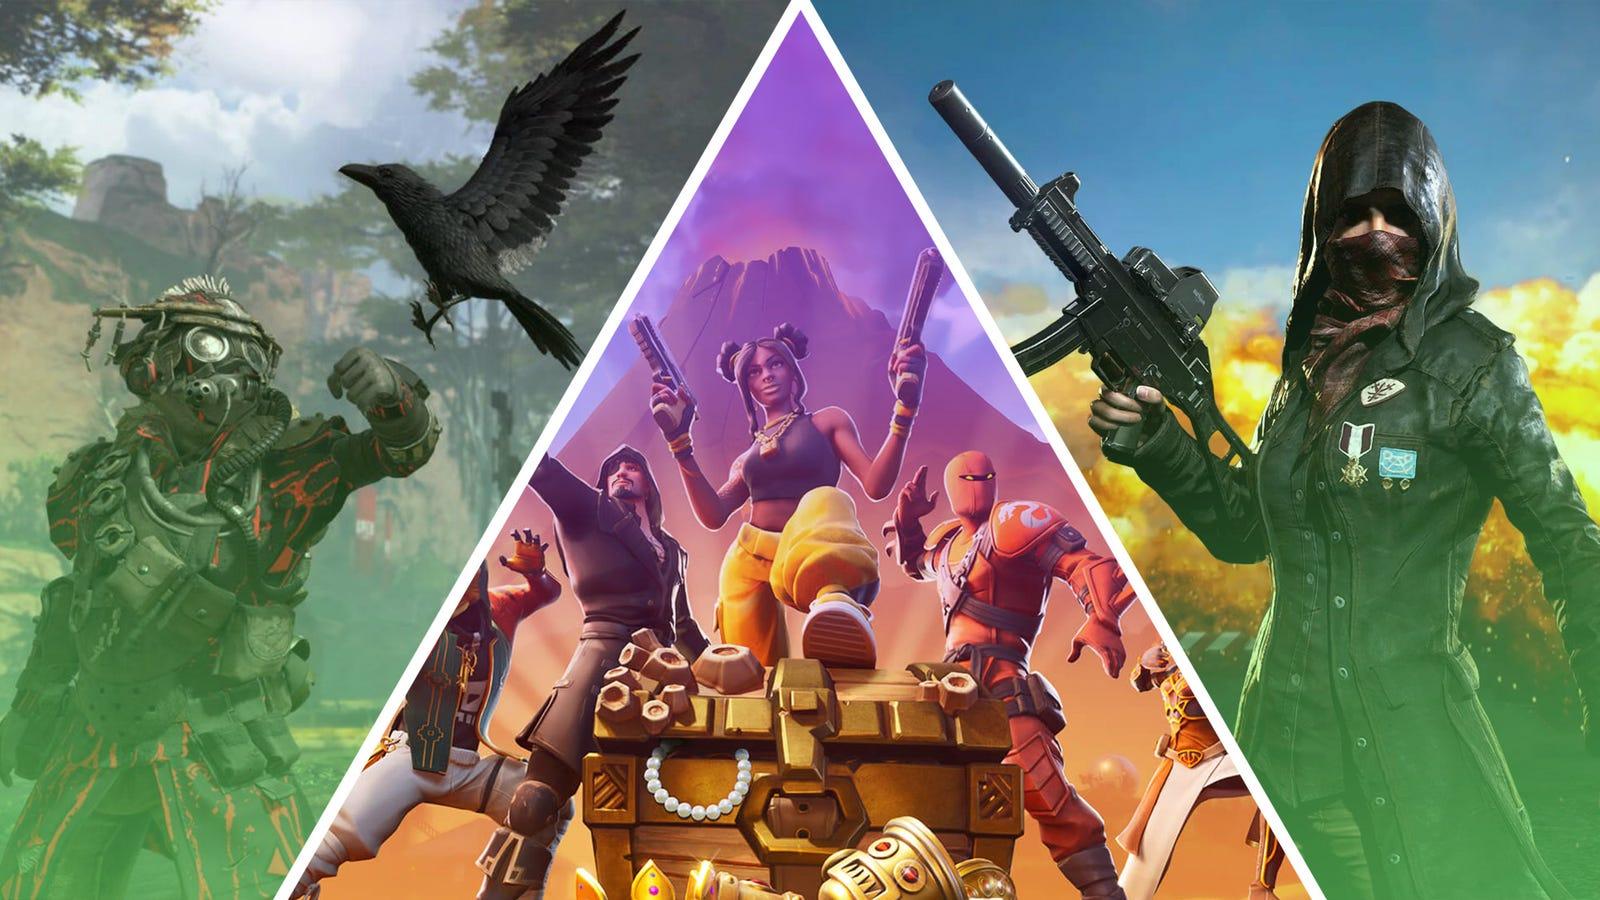 Fortnite, Apex Legends, Black Ops 4: The best of battle